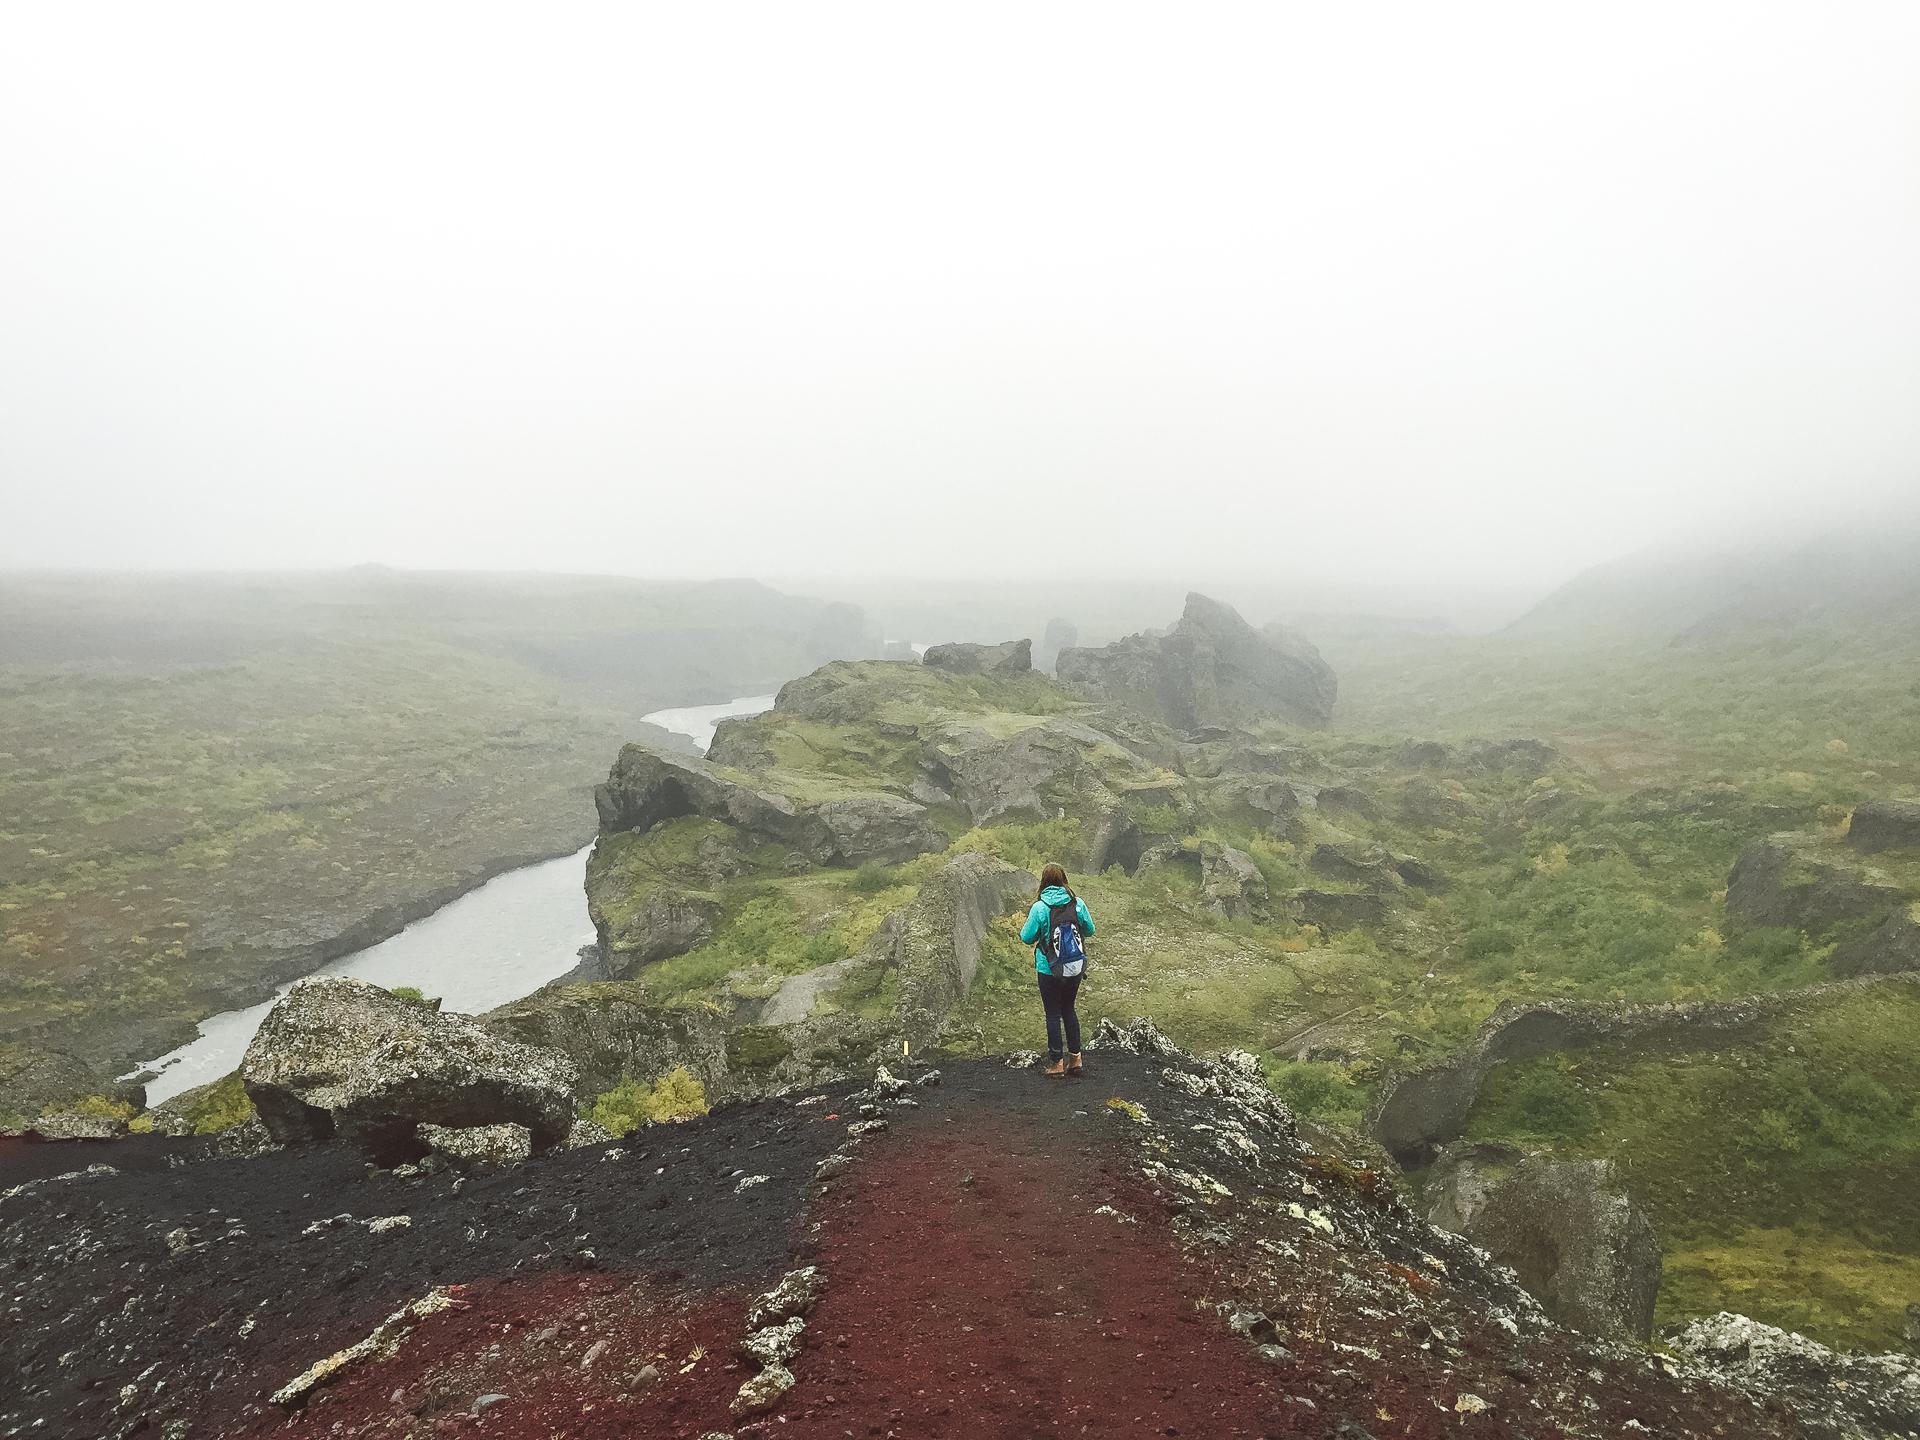 Rauðhólar, Jökulsárgljúfur National Park, Iceland